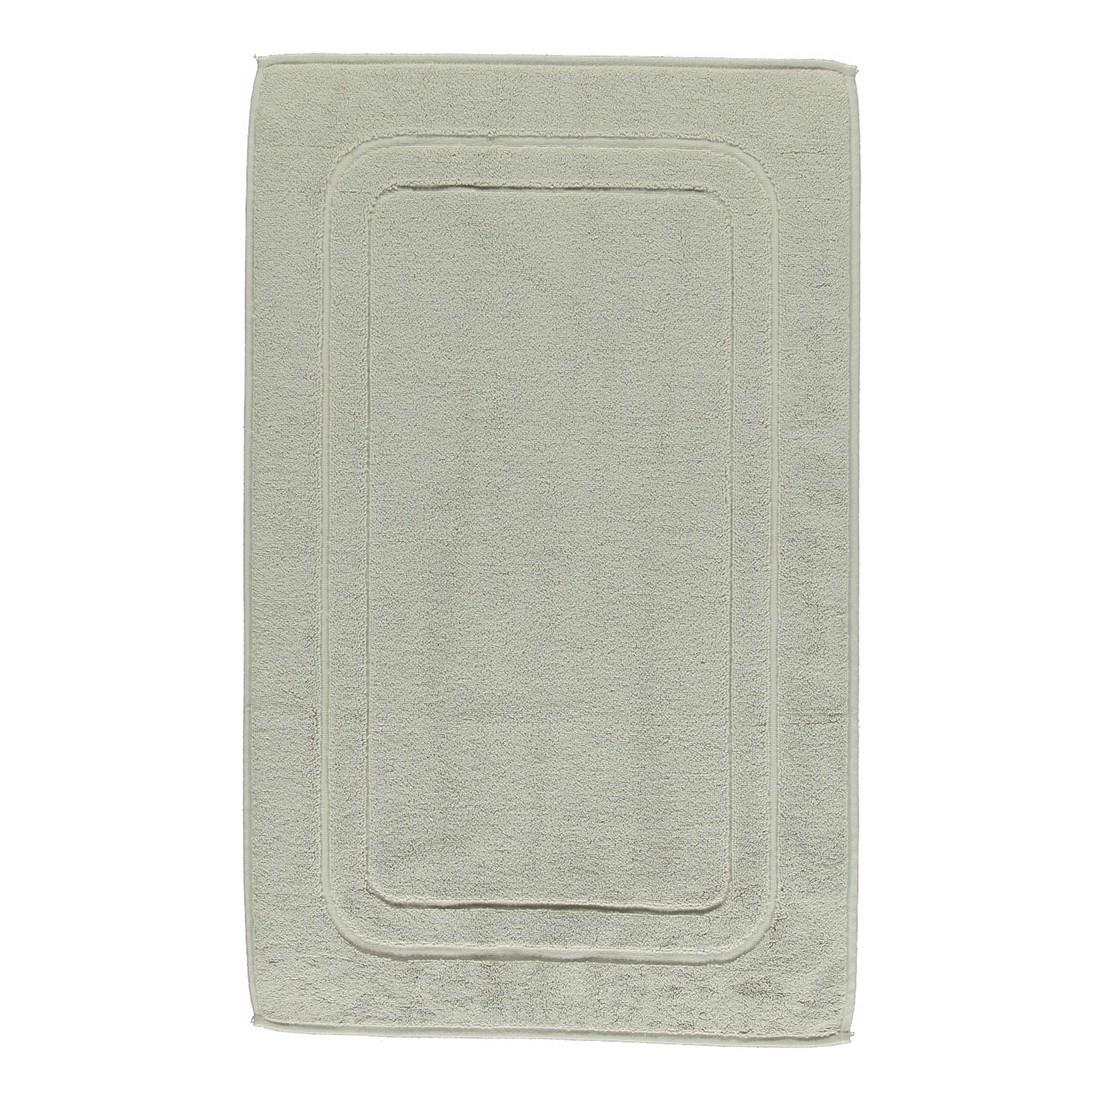 badteppich 100 baumwolle silber 775 caw g nstig online kaufen. Black Bedroom Furniture Sets. Home Design Ideas